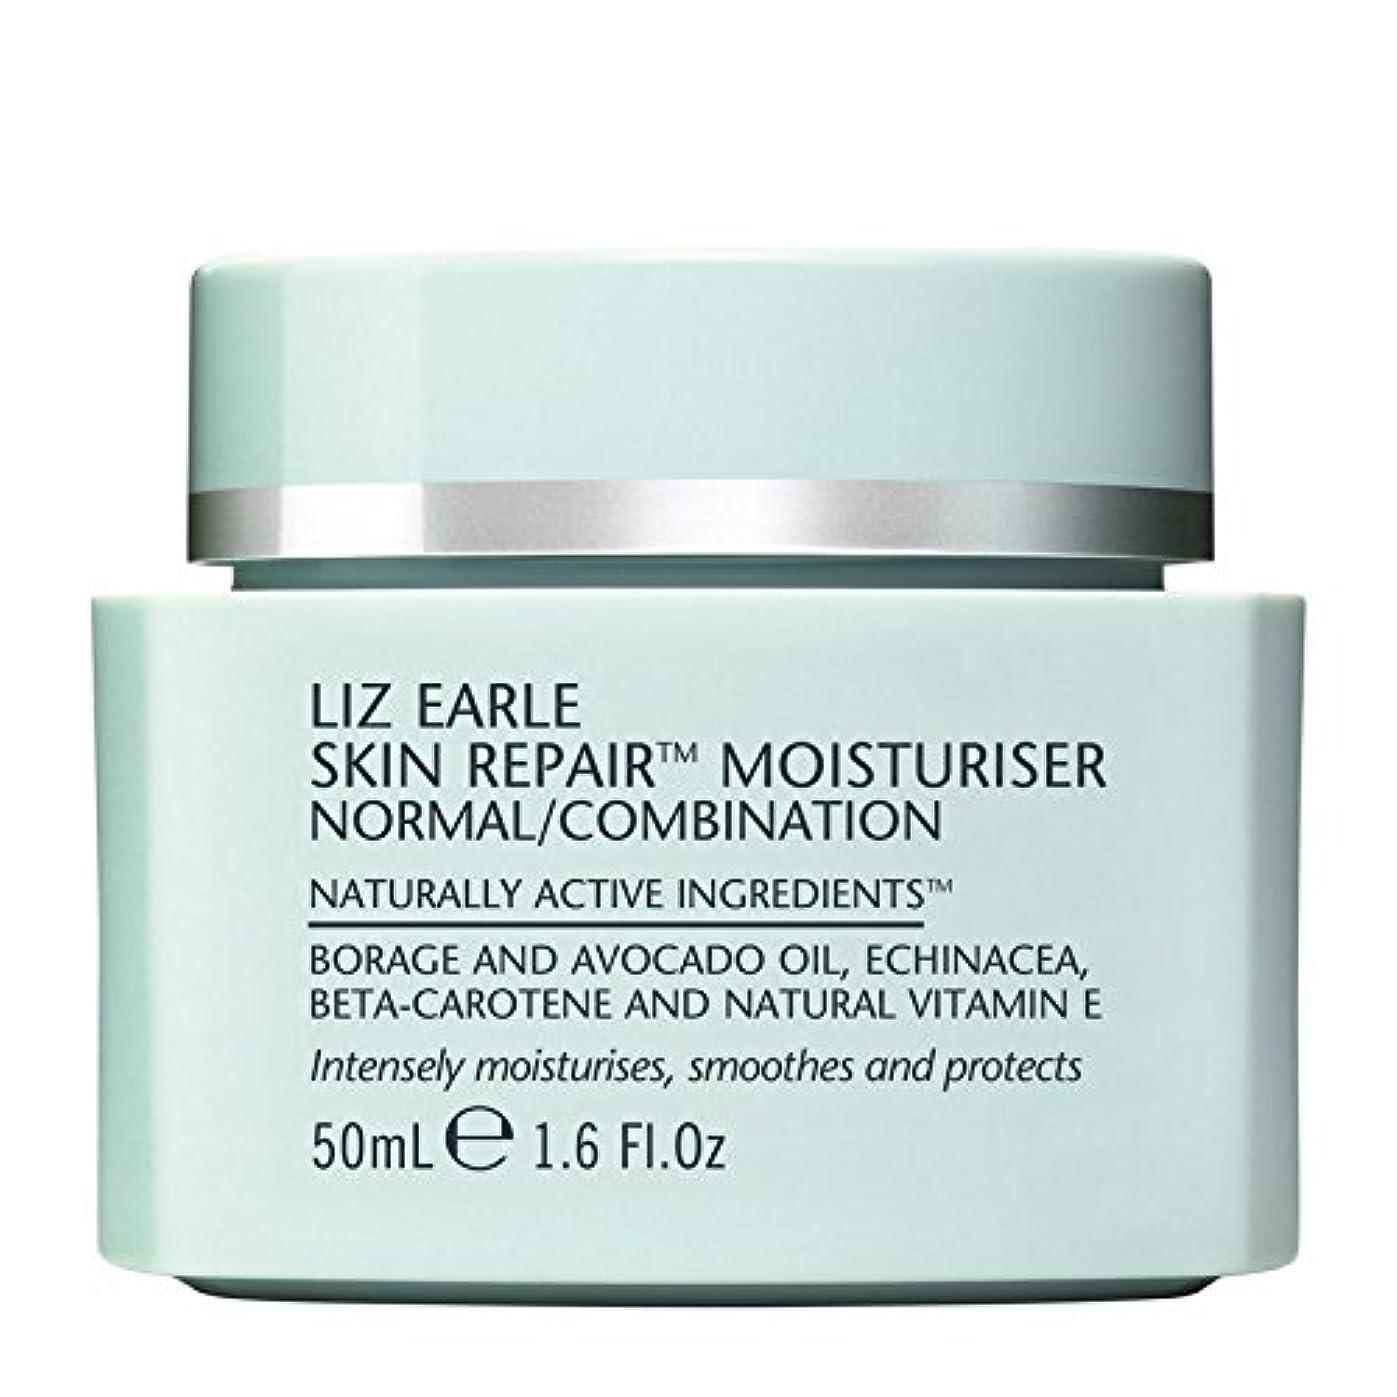 特許屋内通常リズアールスキンリペアモイスチャライザーノーマル/コンビネーション50ミリリットル x4 - Liz Earle Skin Repair Moisturiser Normal/Combination 50ml (Pack...